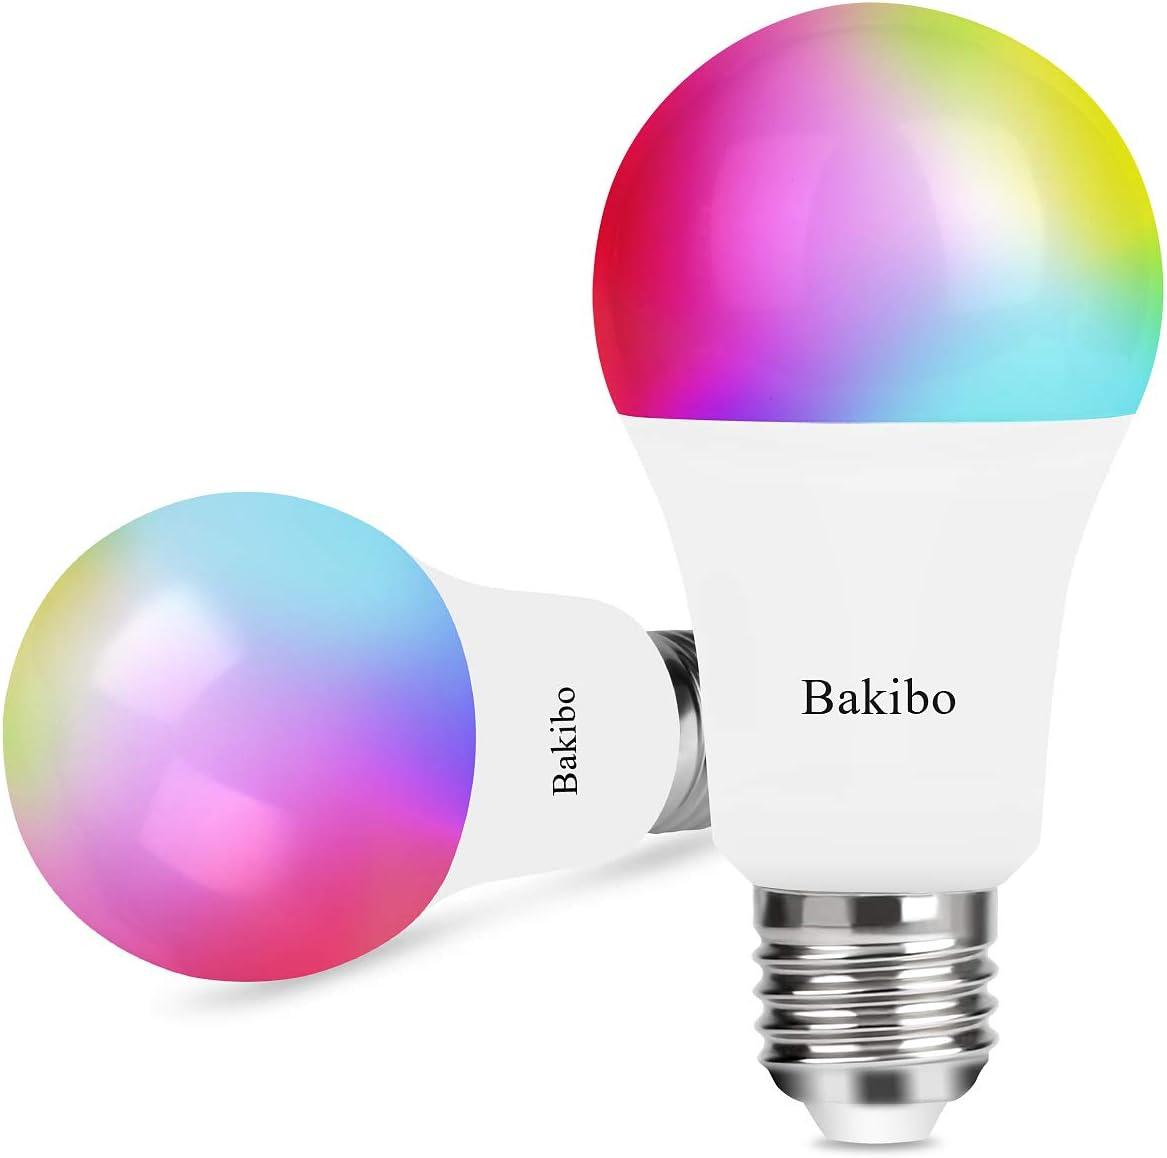 bakibo Ampoule Connectée LED WiFi Intelligente Dimmable 9W 1000Lm, E27 Smart Ampoule compatible avec Alexa, et Google Home, A19 90W Equivalente RGBCW couleur changement Lumière, 2 Pcs